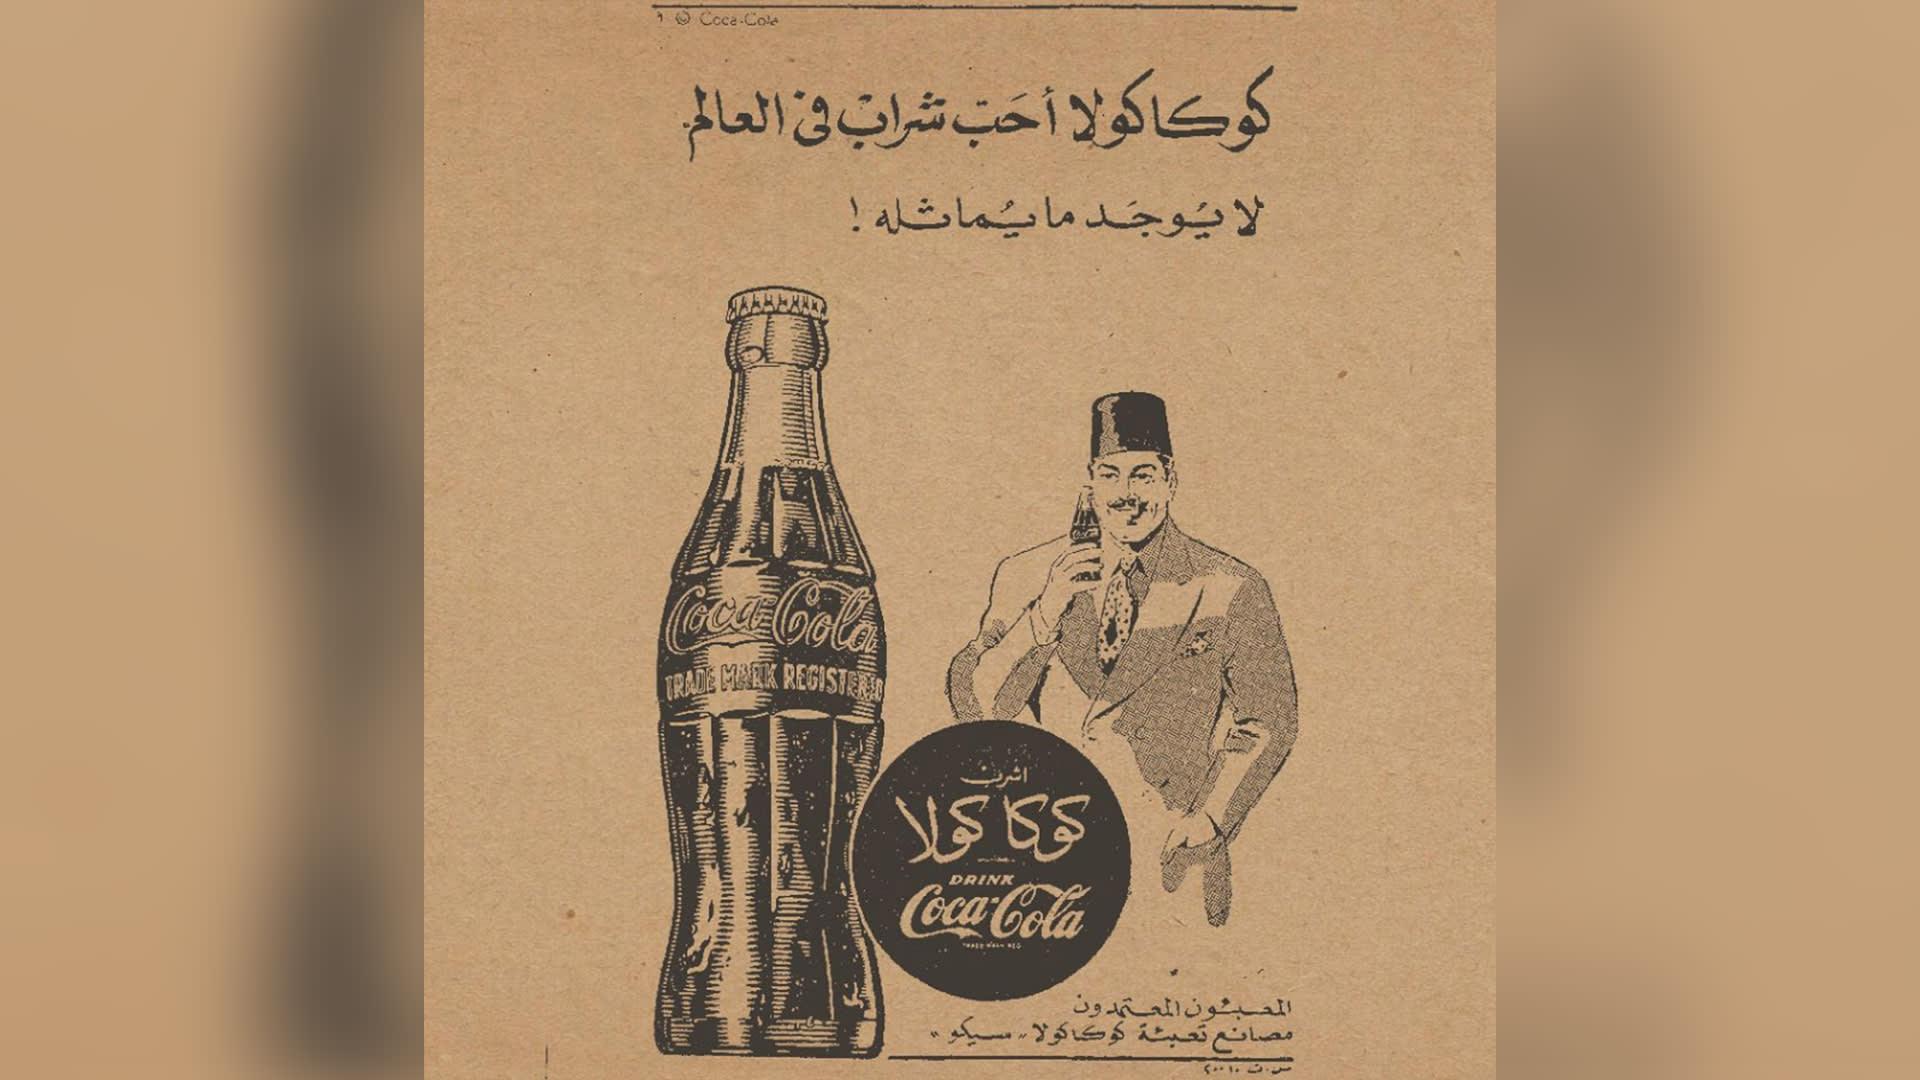 """إعلان """"كوكا كولا"""" من العام 1951."""